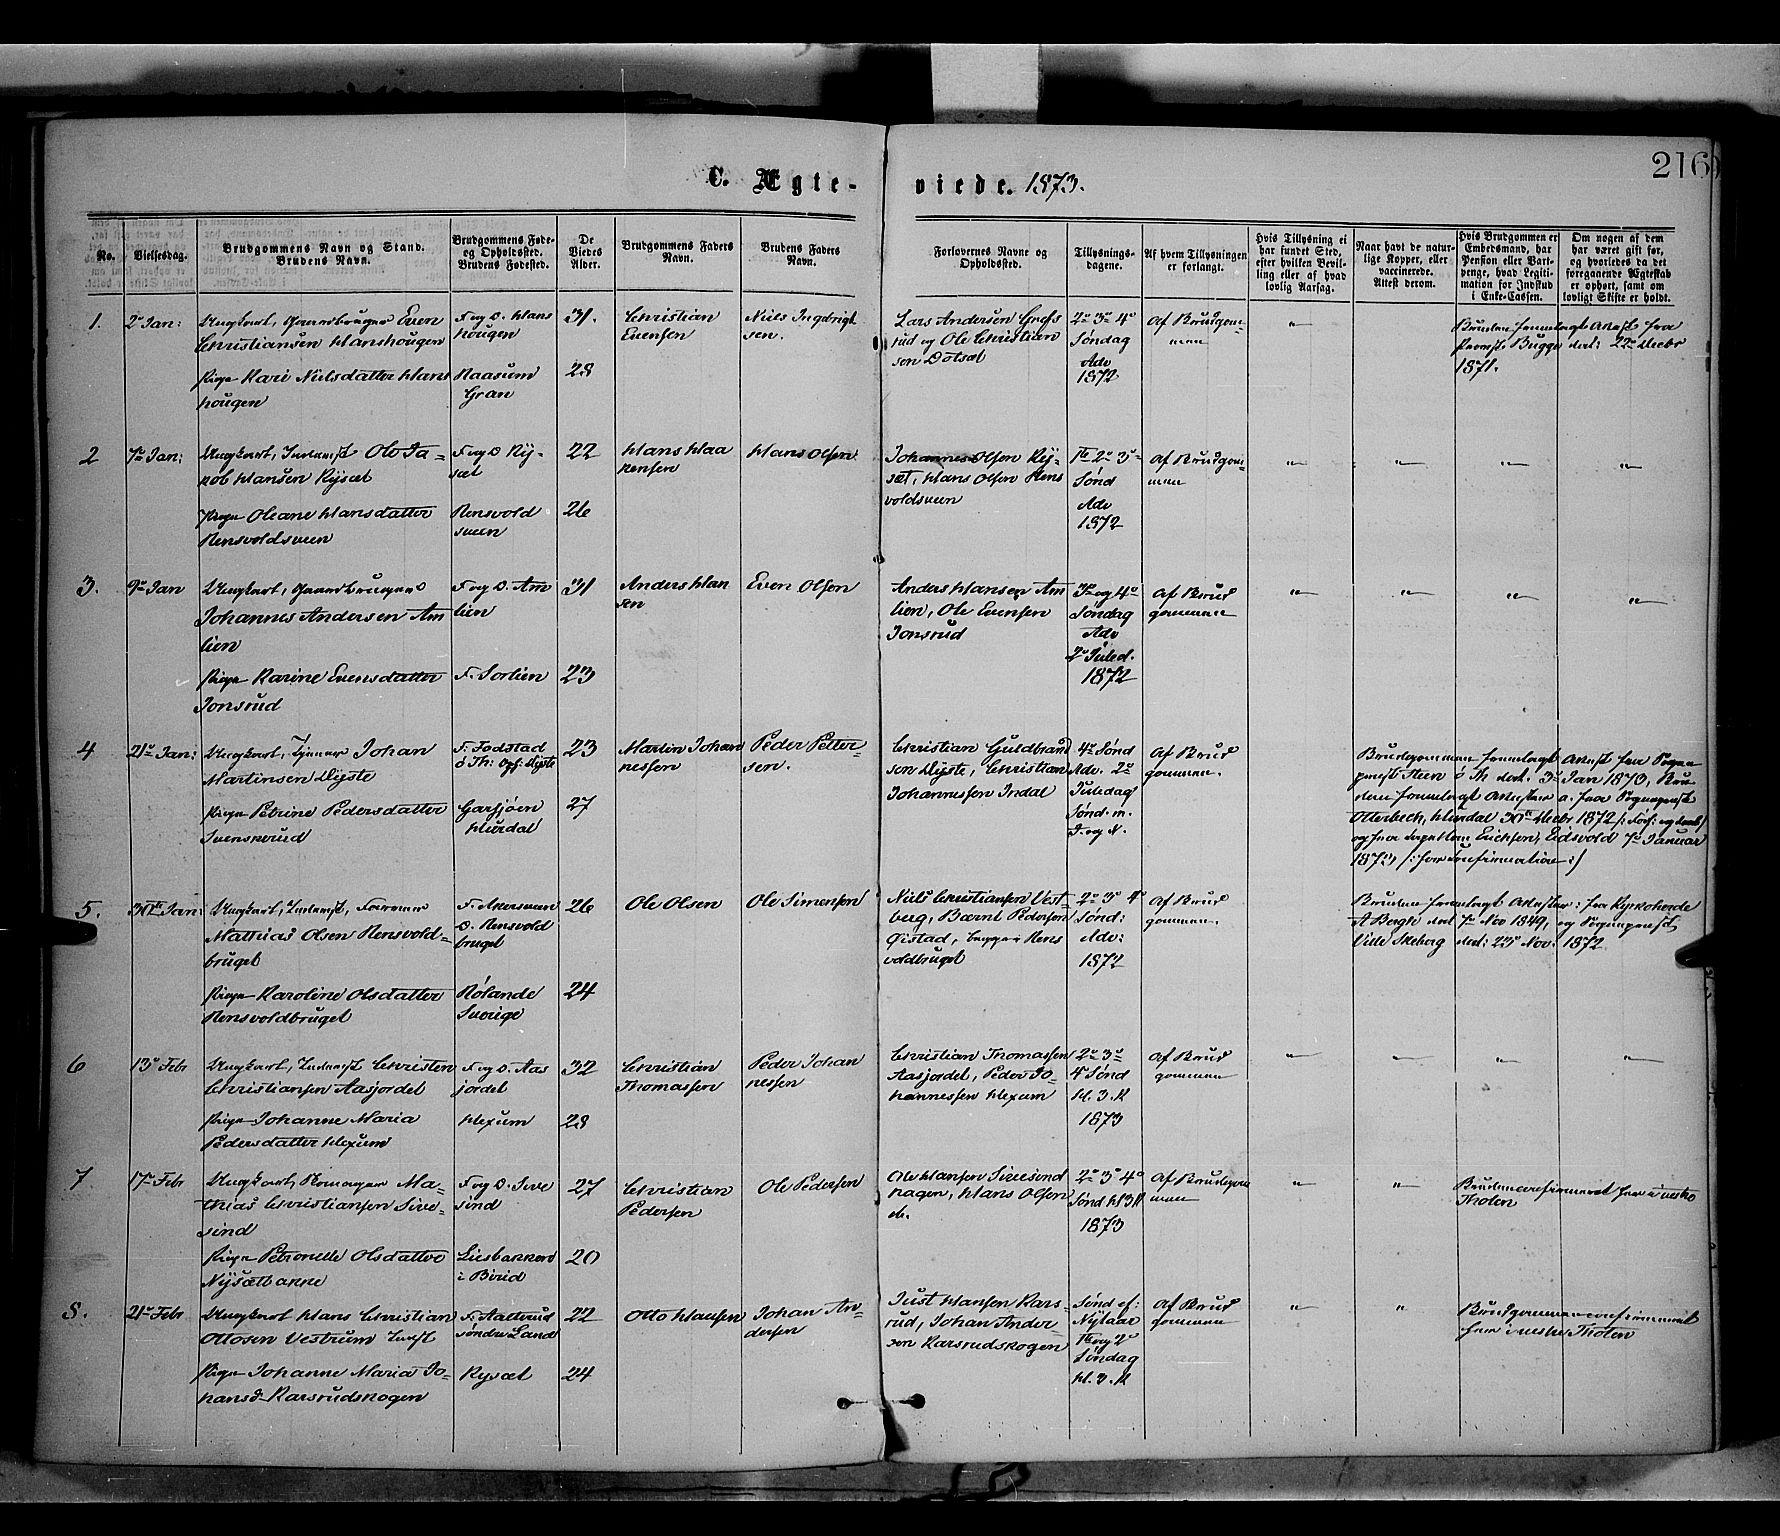 SAH, Vestre Toten prestekontor, Ministerialbok nr. 8, 1870-1877, s. 216